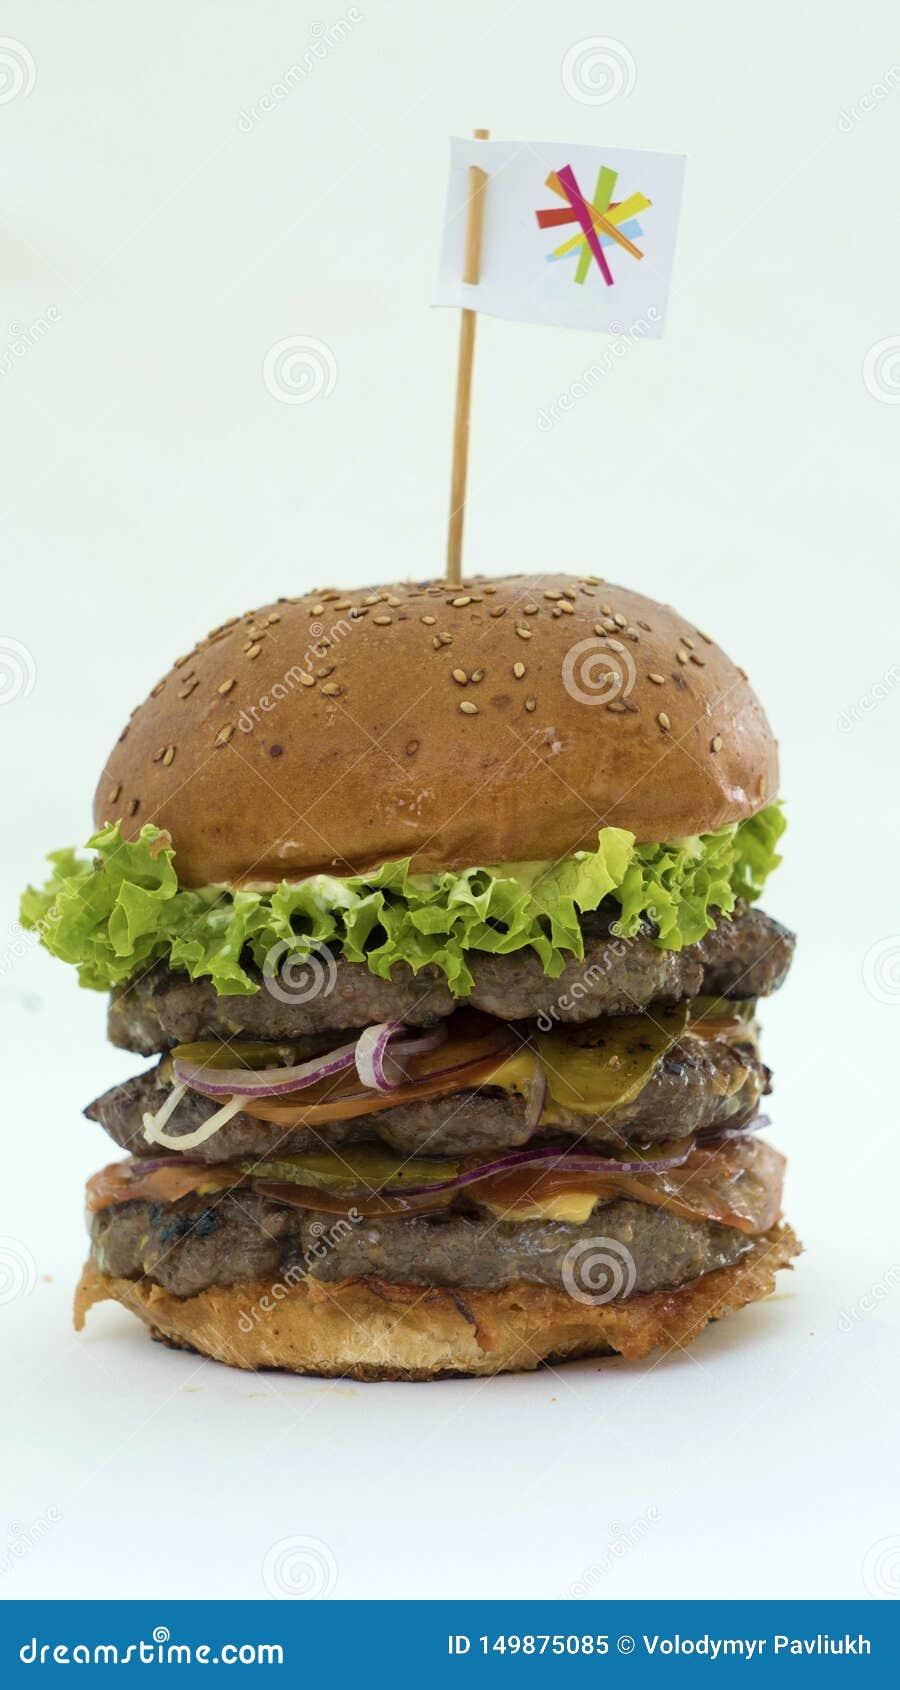 Hamburguer suculento com carne e os legumes frescos em um fundo branco, cozinhado com suas próprias mãos